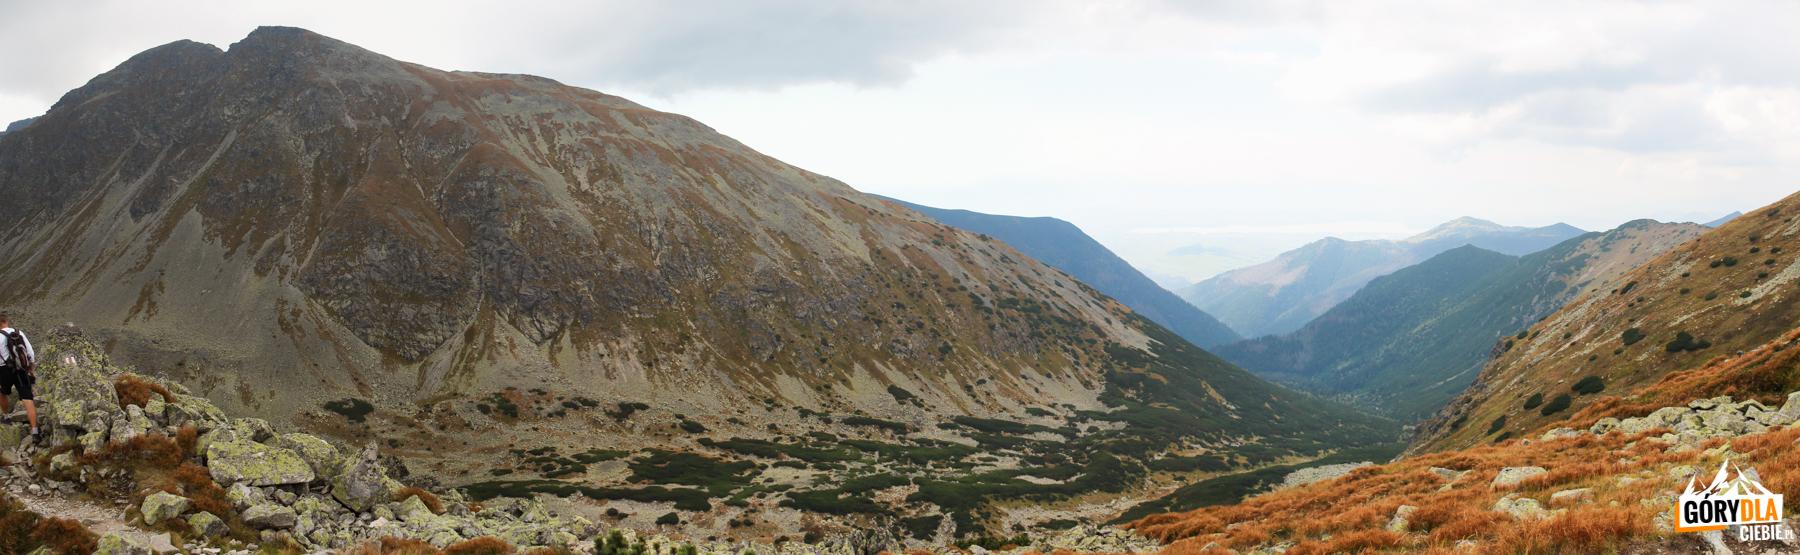 Dolina Głęboka i nad nią Pachoł (2167 m) widziane z Przełęczy Dzwon (1907 m)